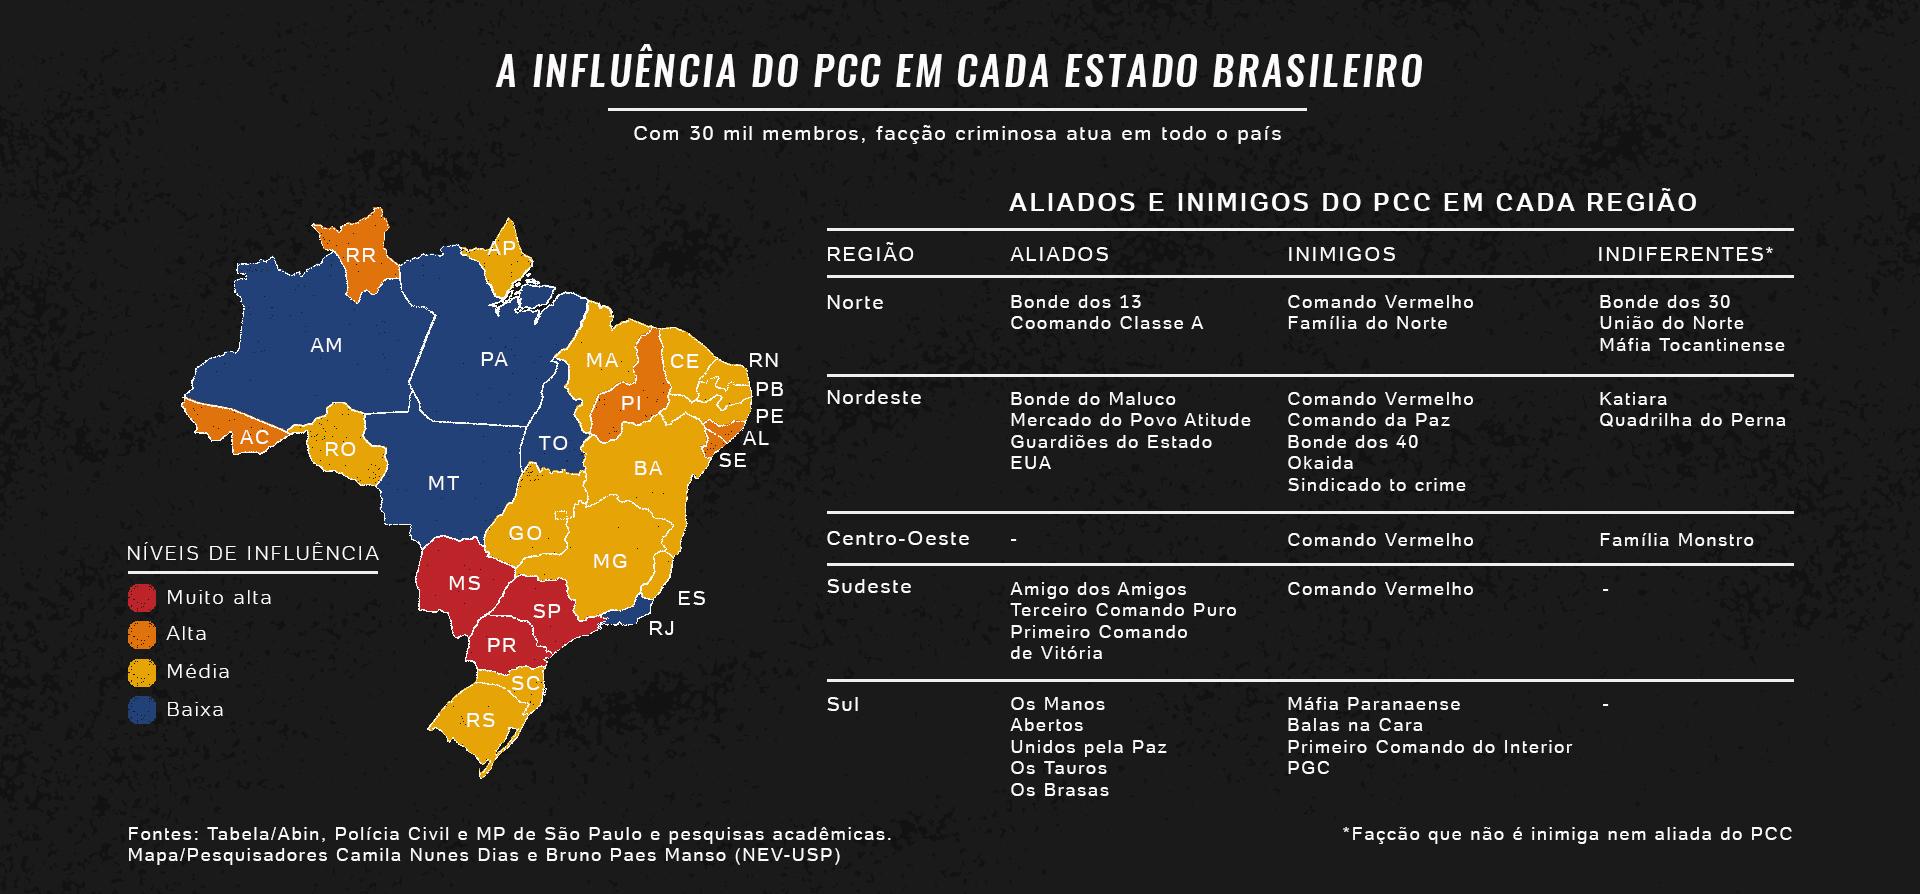 mapa pcc web v3.jpg ba6839fac59